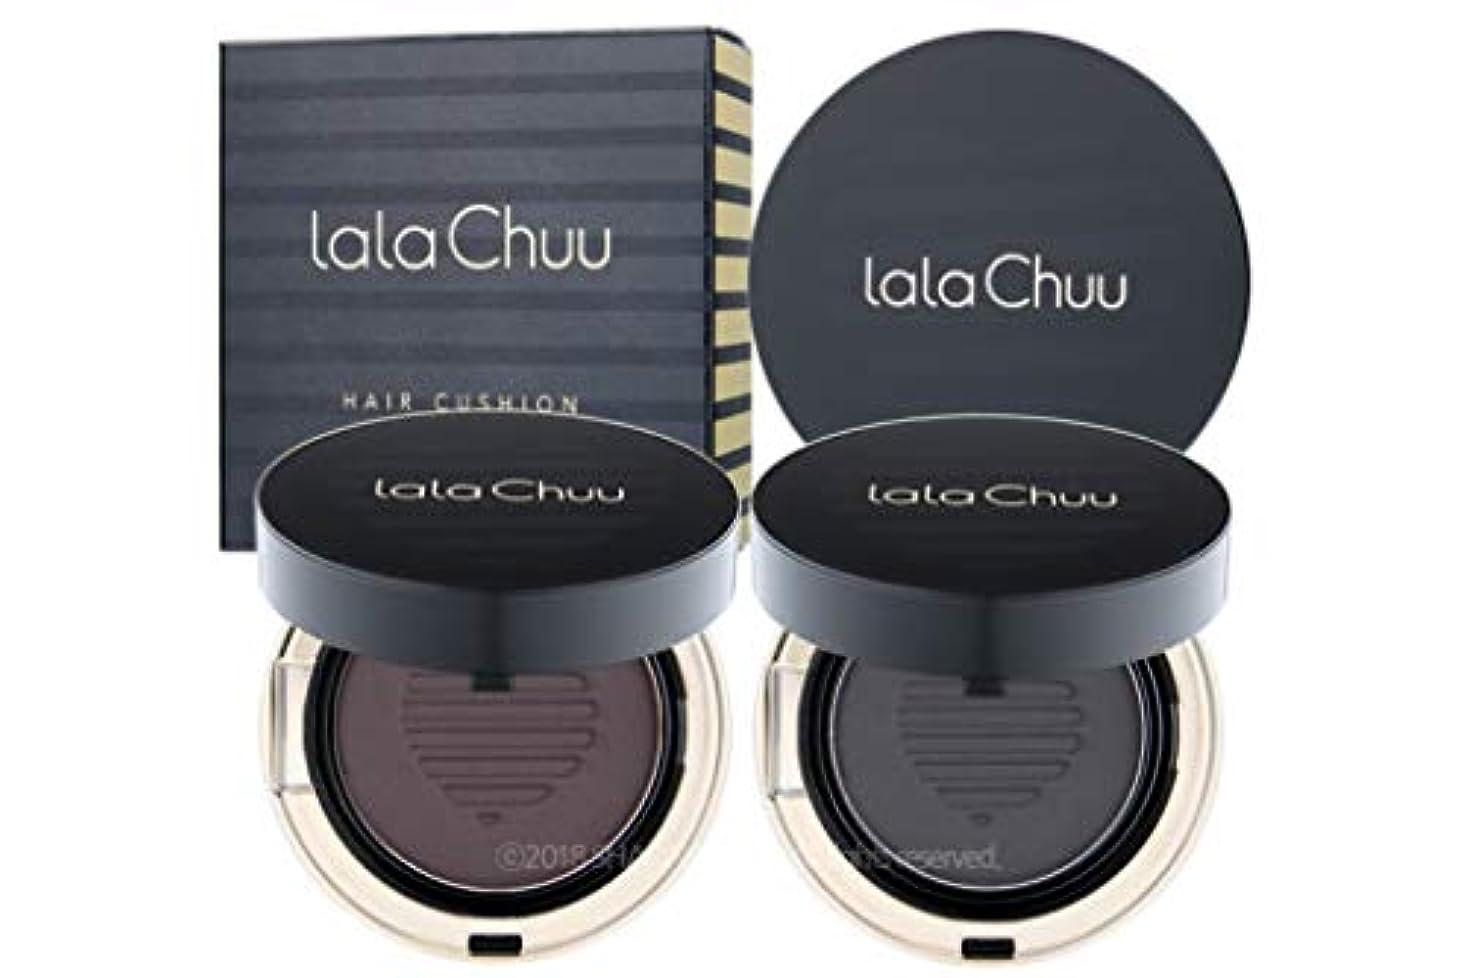 ロータリービット含む[LALACHUU] ラチュボリュームヘアクッション 15g / lala Chuu VOLUME HAIR CUSHION 15g [並行輸入品] (Natural Black)